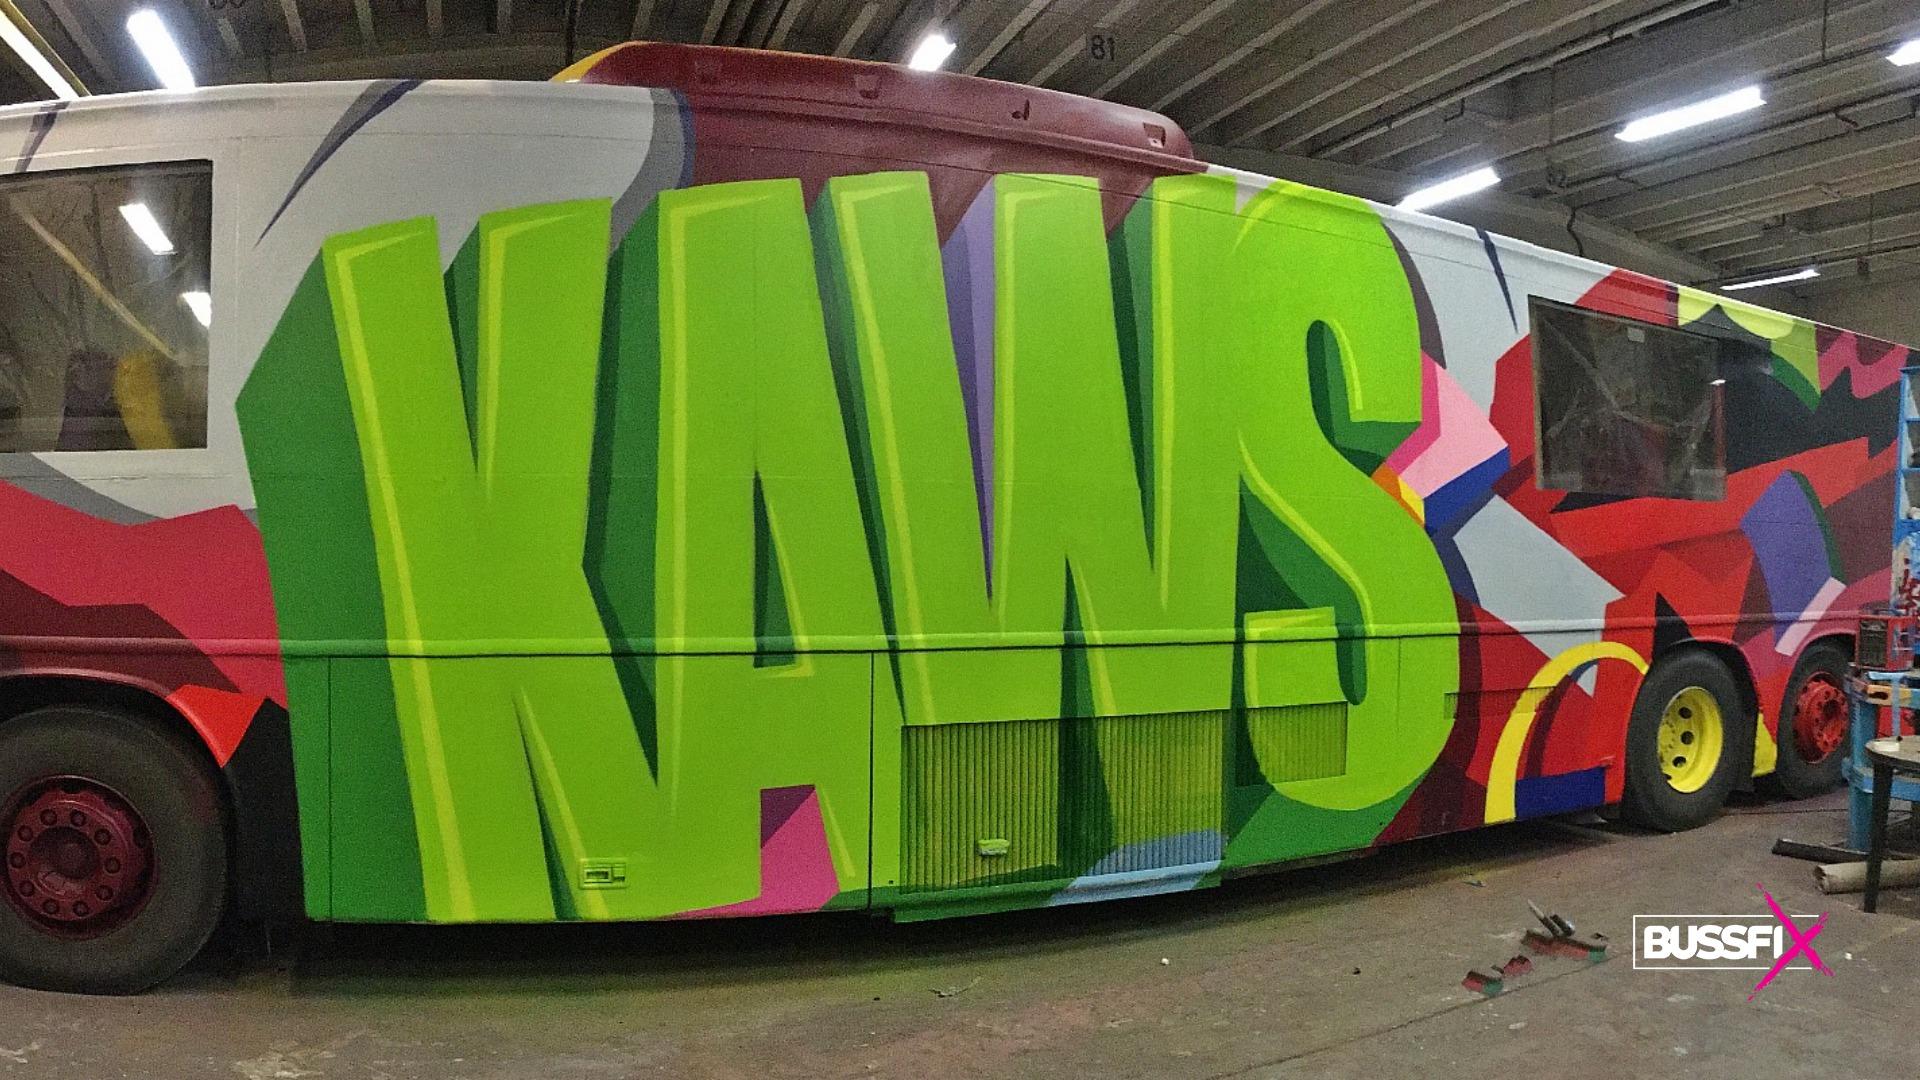 Graffiti kjøpe russebuss kaws 2019